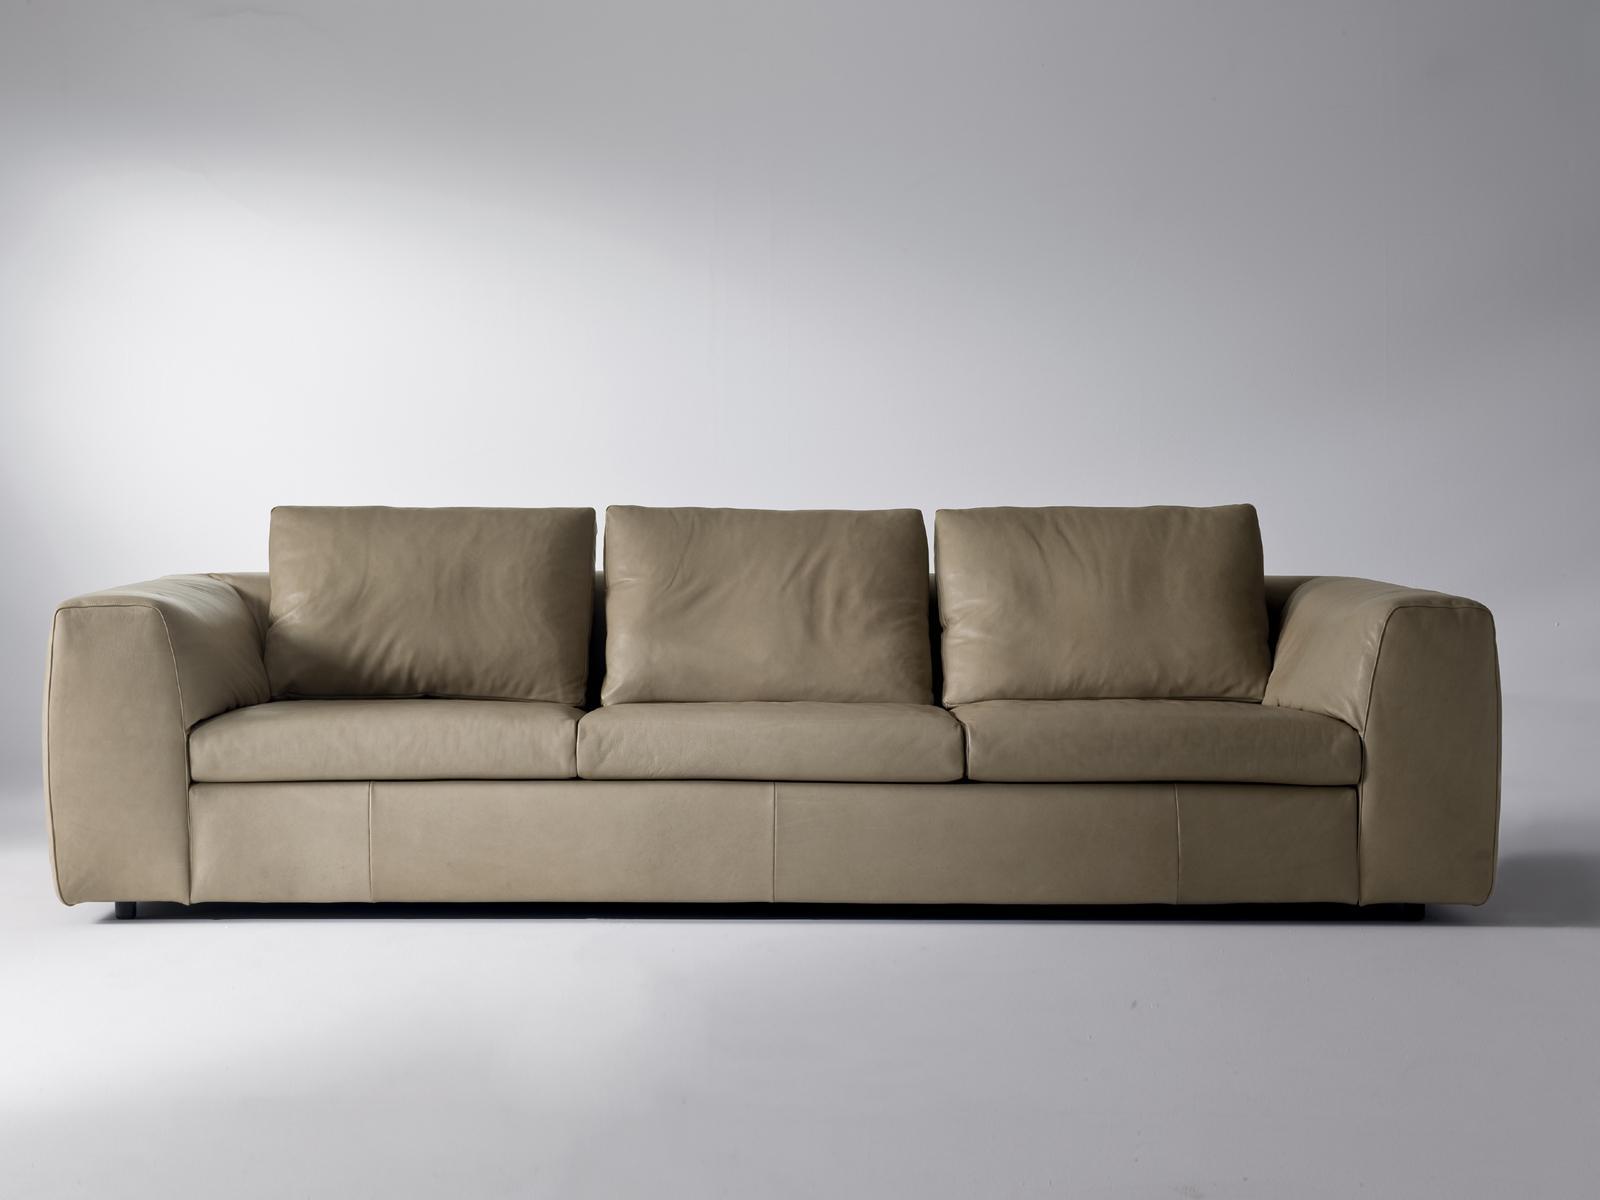 Kristall   3 Seater Sofai 4 Mariani Design Mauro Lipparini within Three Seater Sofas